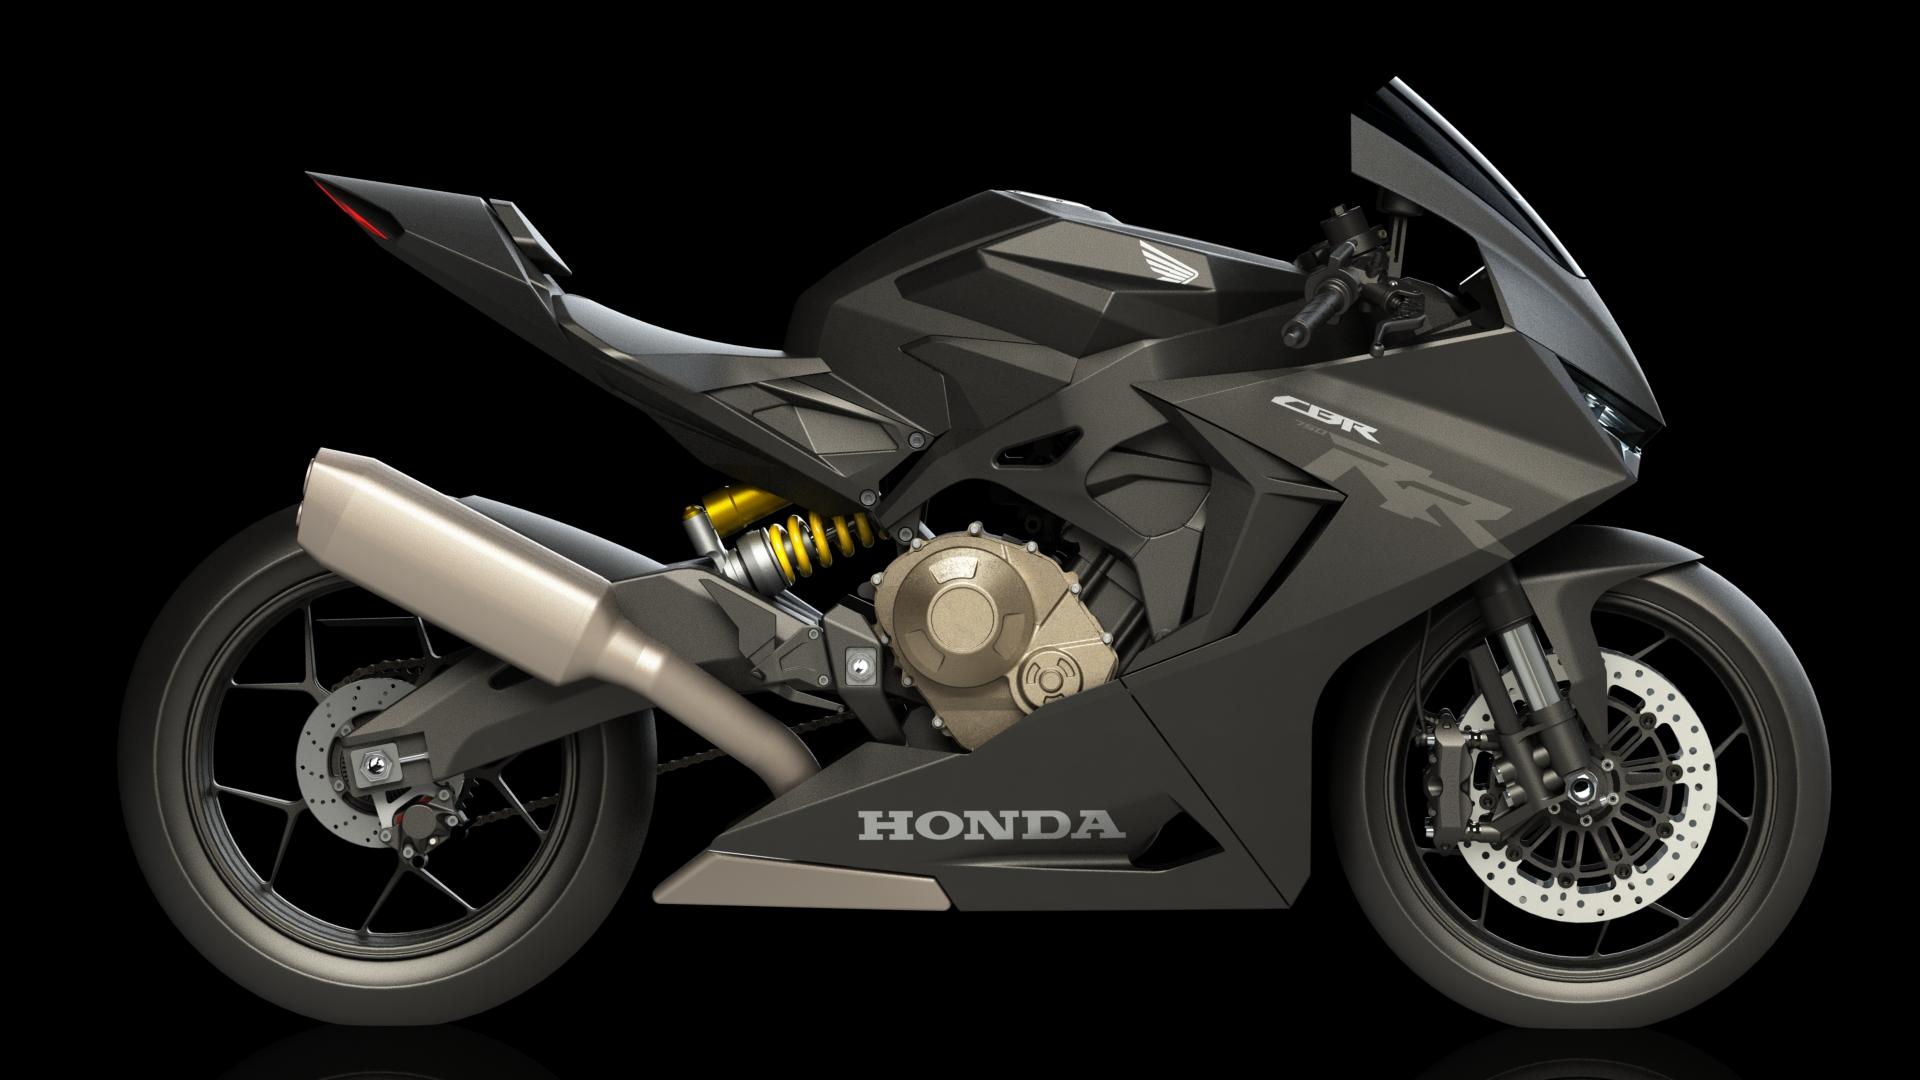 Kelebihan Kekurangan Honda 750Cc Top Model Tahun Ini